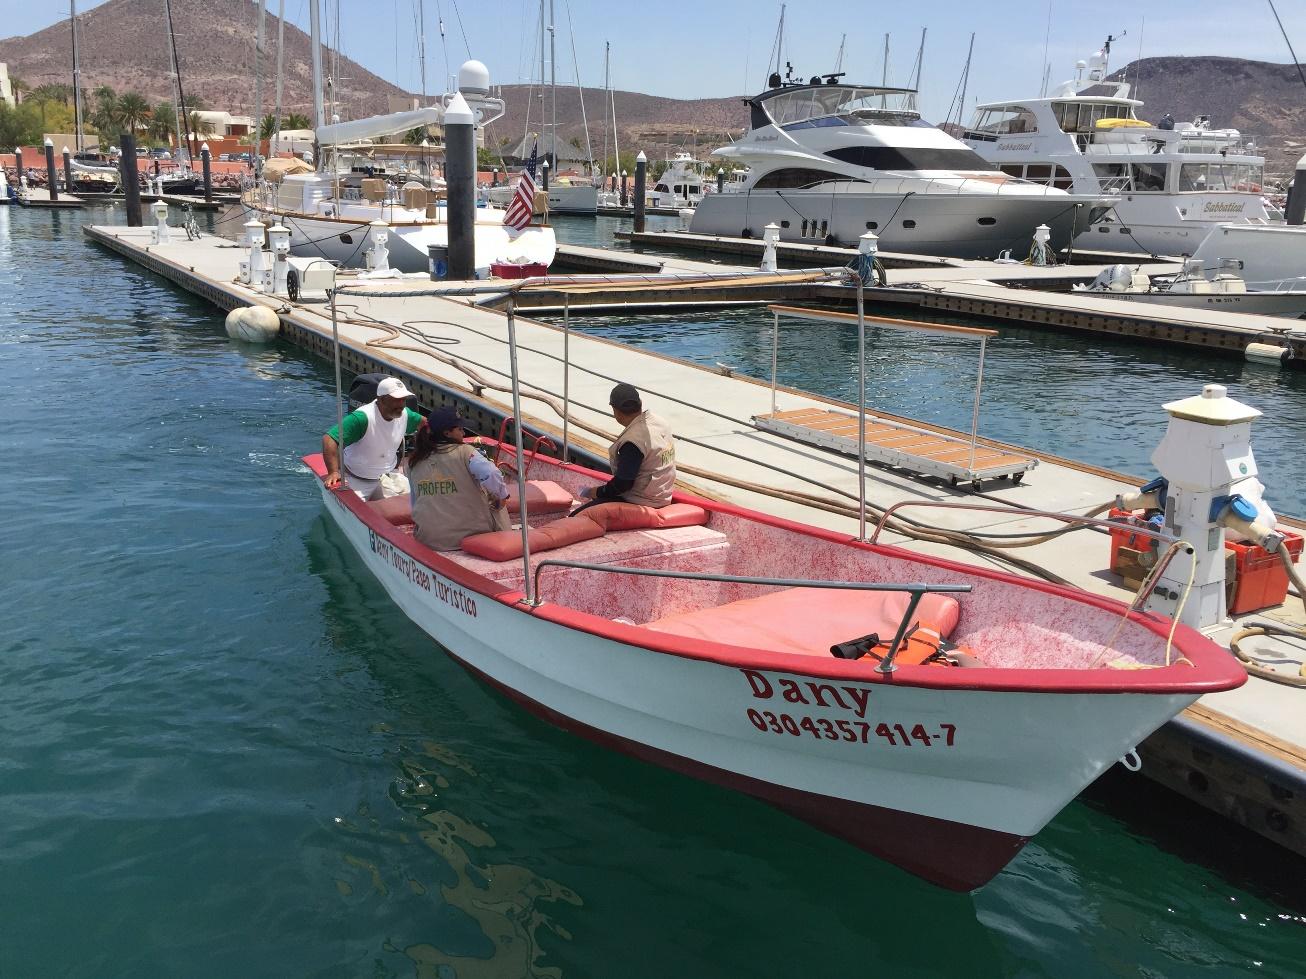 Aseguran dos embarcaciones por observación y nado ilegales en BCS. (Profepa)